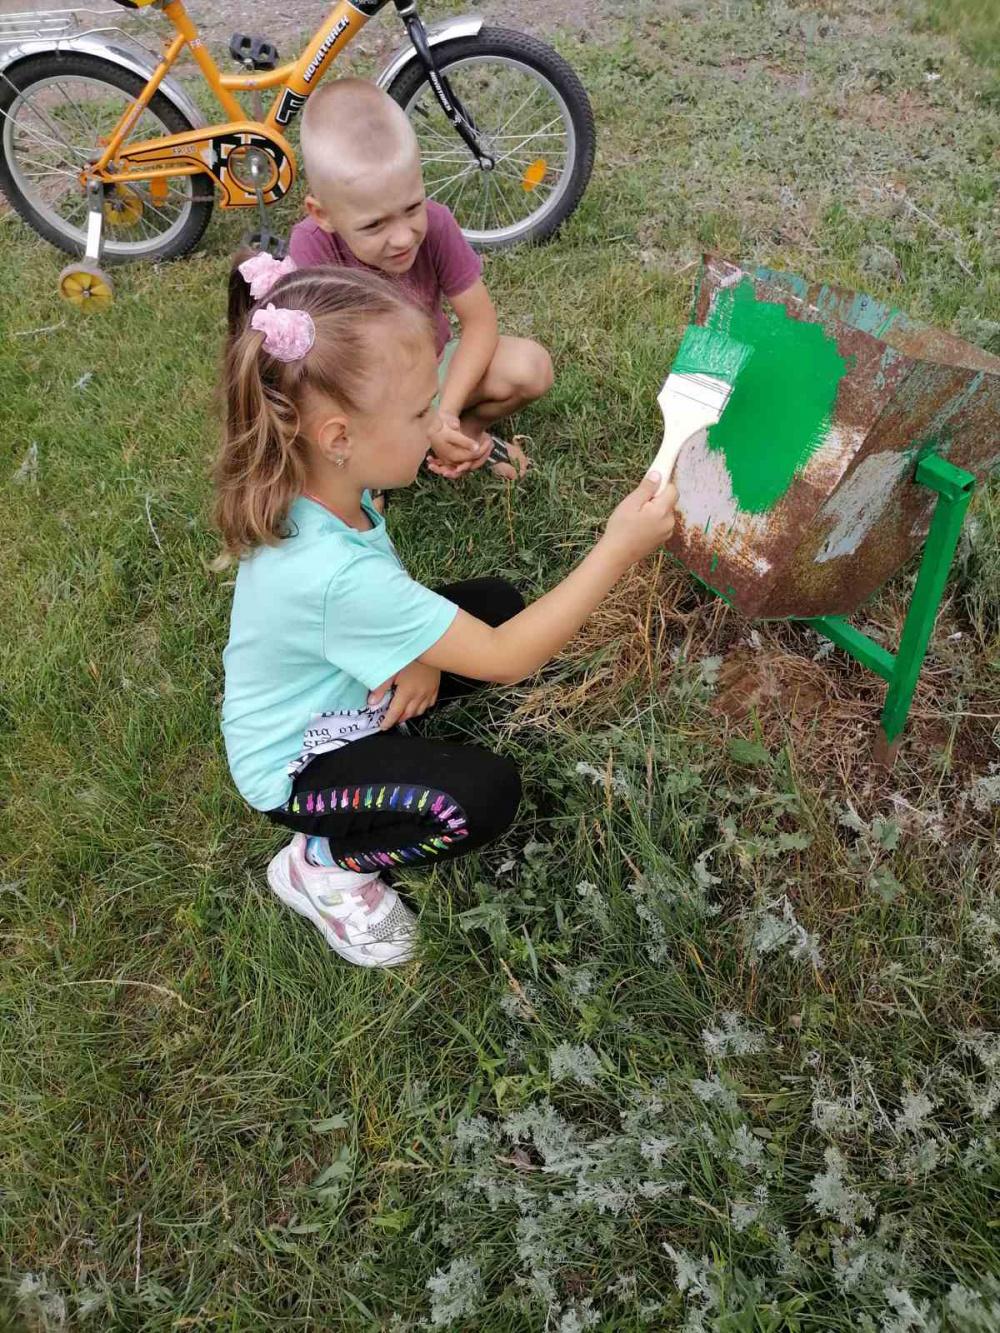 12 июня неравнодушные и активные жители улицы Вишневая поселка Черновский организовали и провели субботник на детской площадке